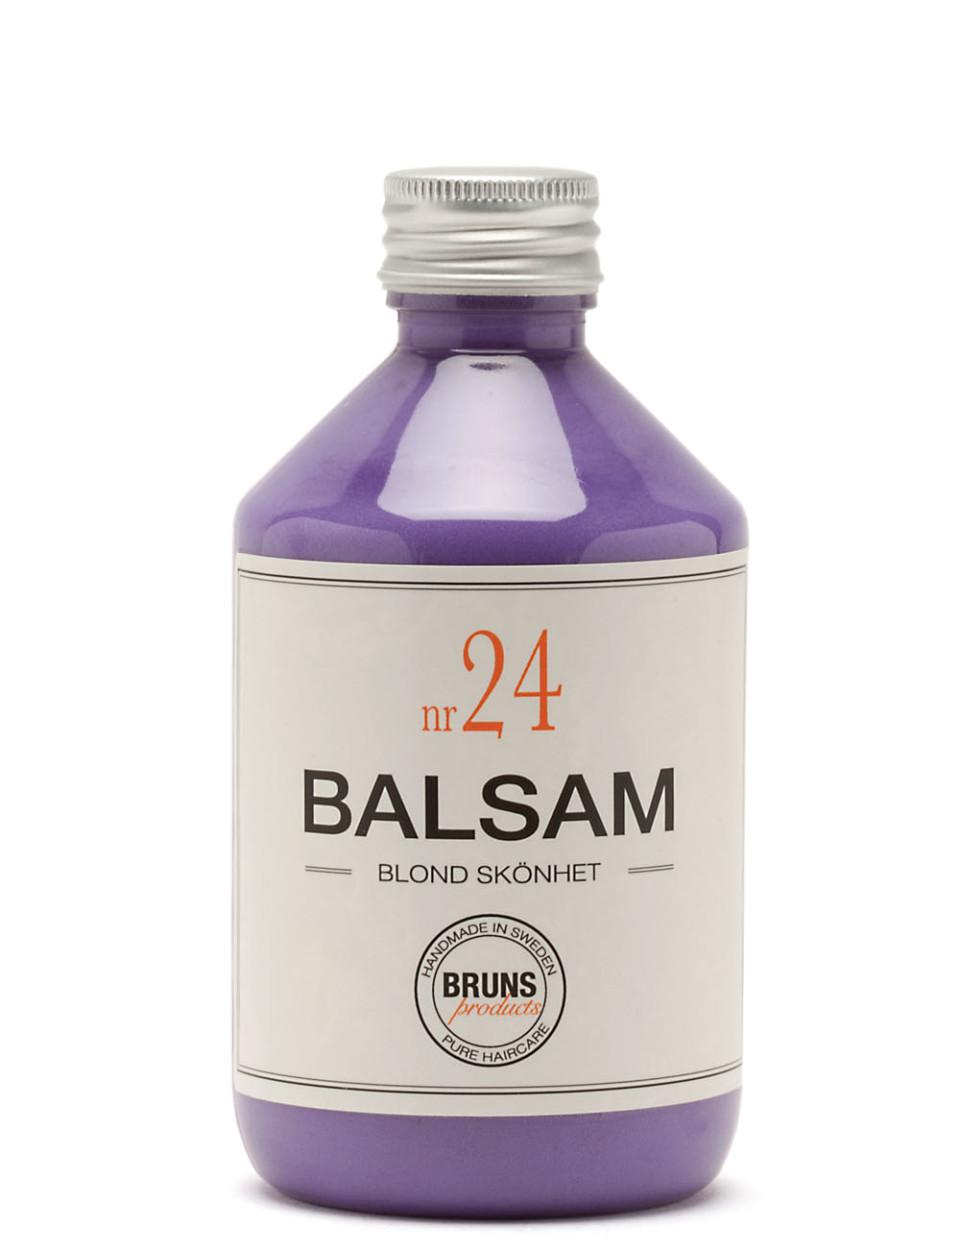 Nr. 24 BLONDE SCHÖNHEIT BALSAM 330 ML